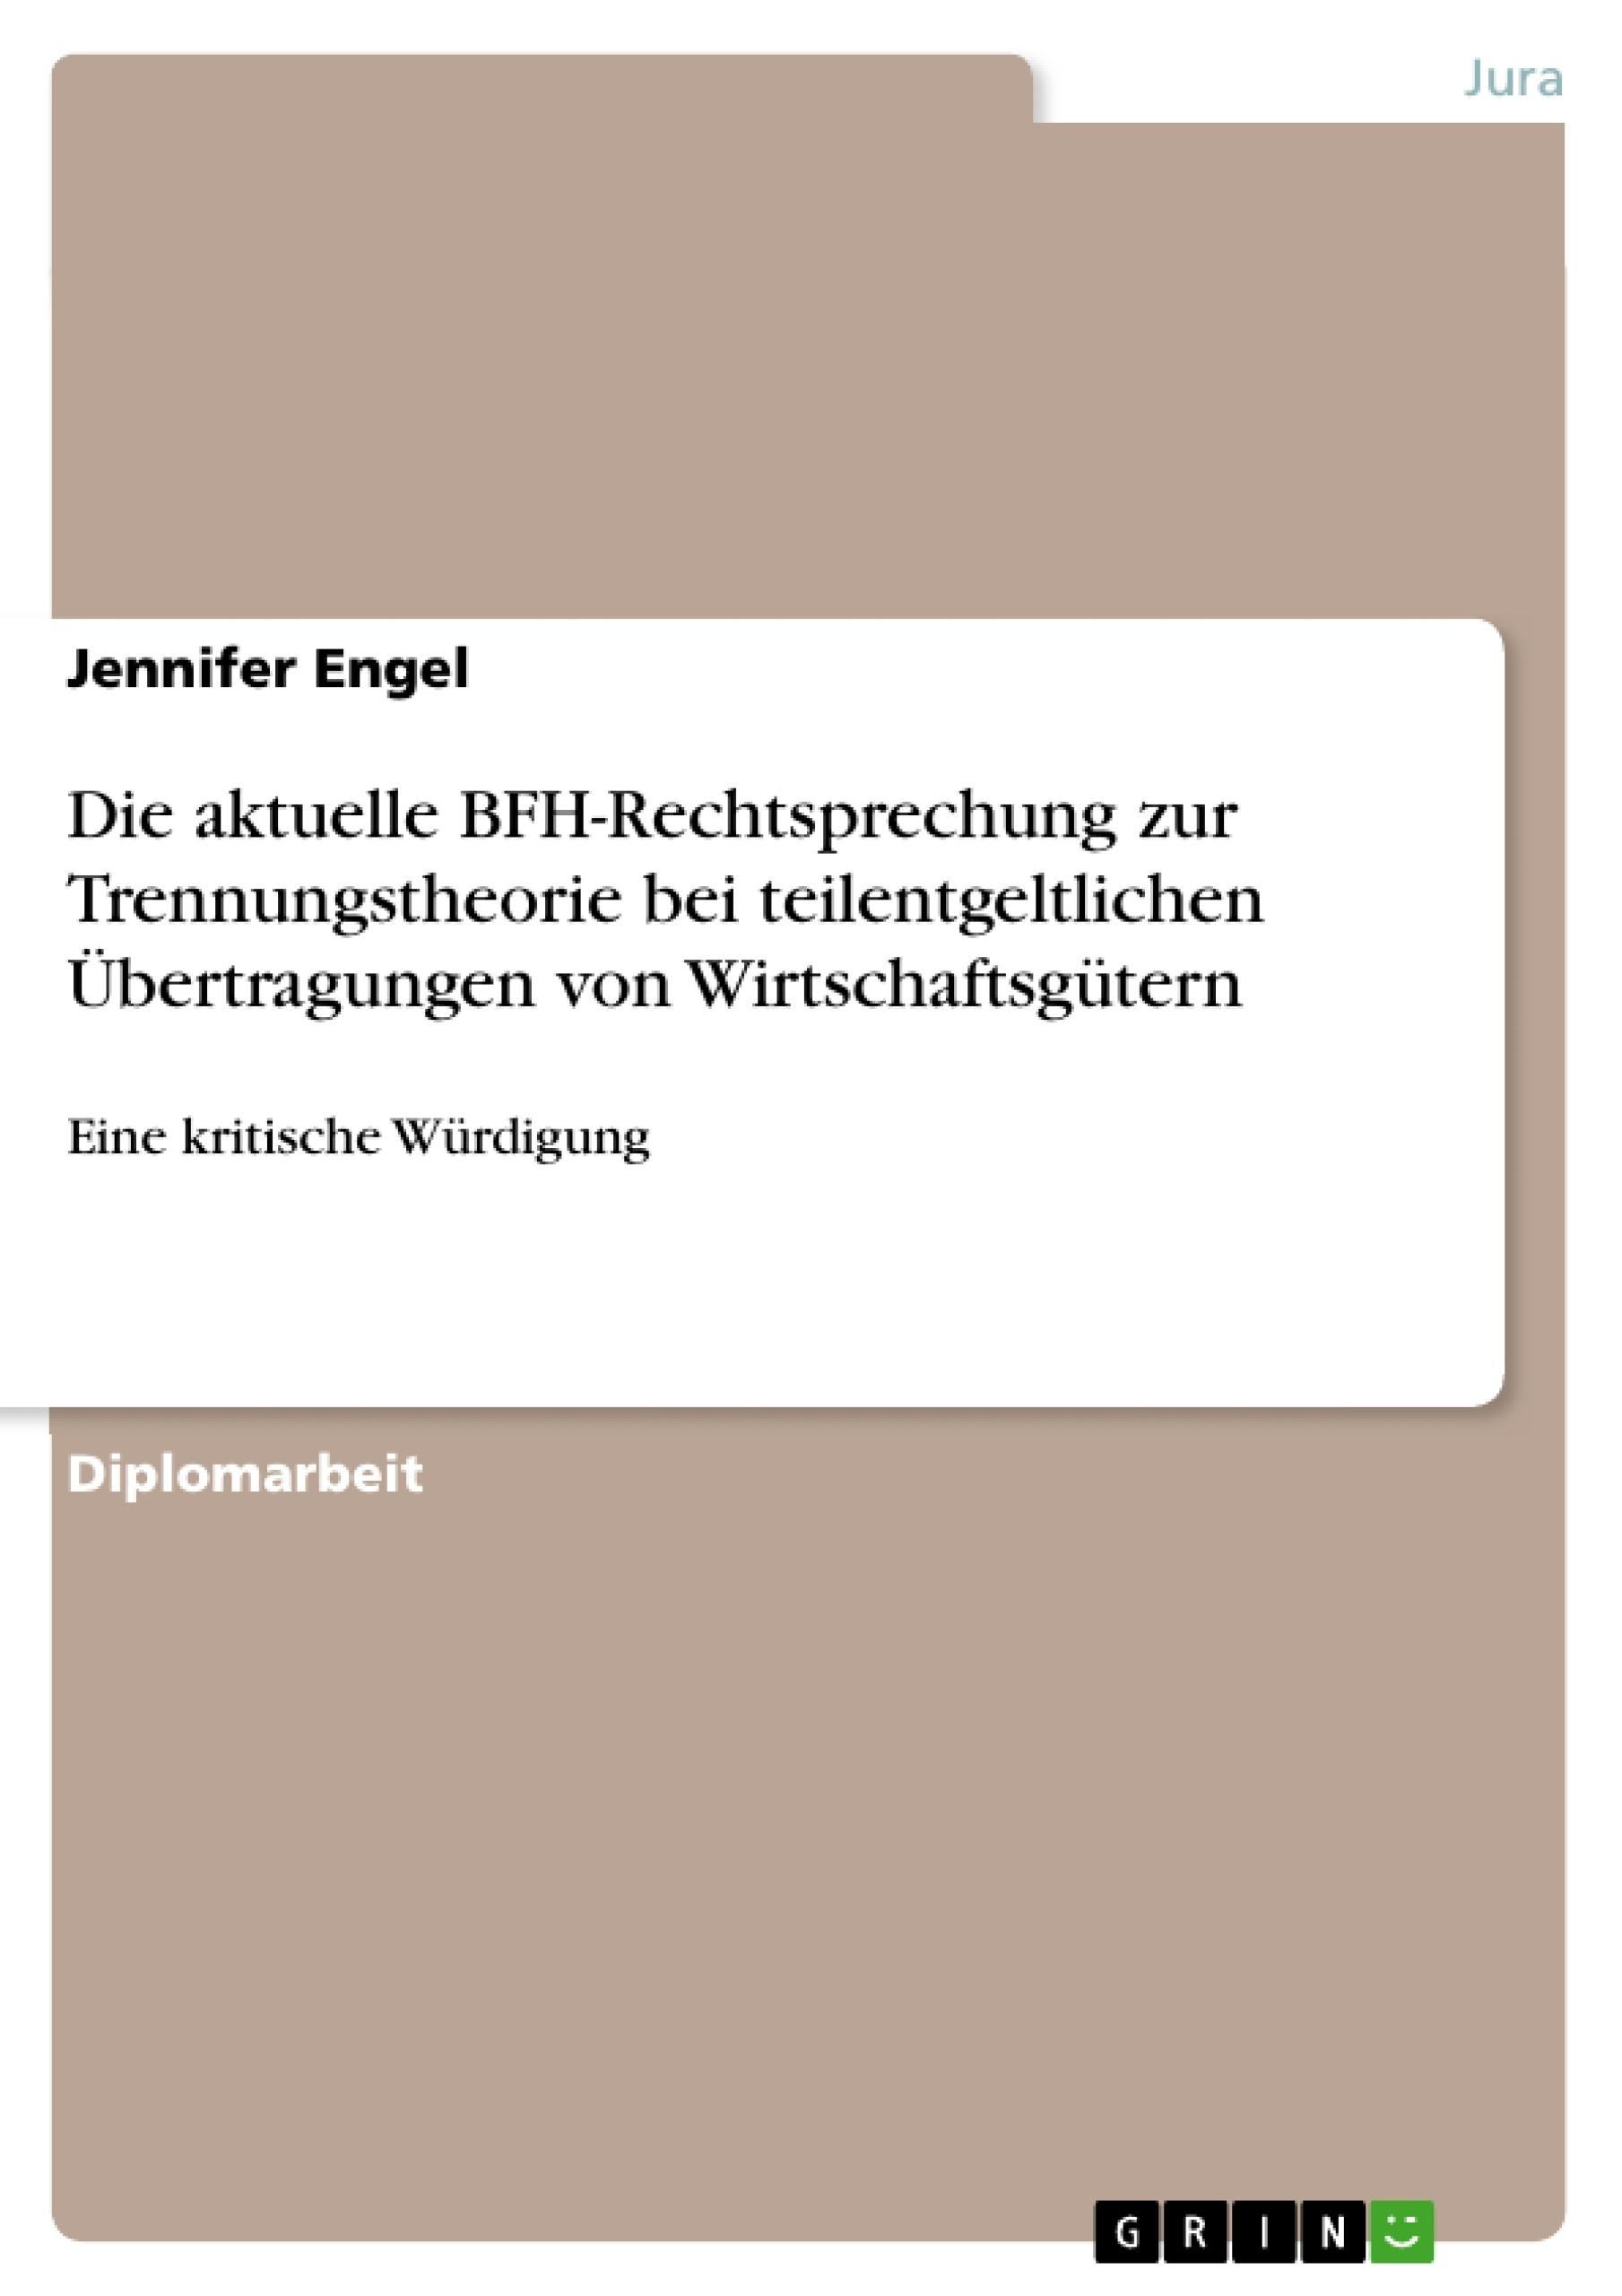 Titel: Die aktuelle BFH-Rechtsprechung zur Trennungstheorie bei teilentgeltlichen Übertragungen von Wirtschaftsgütern